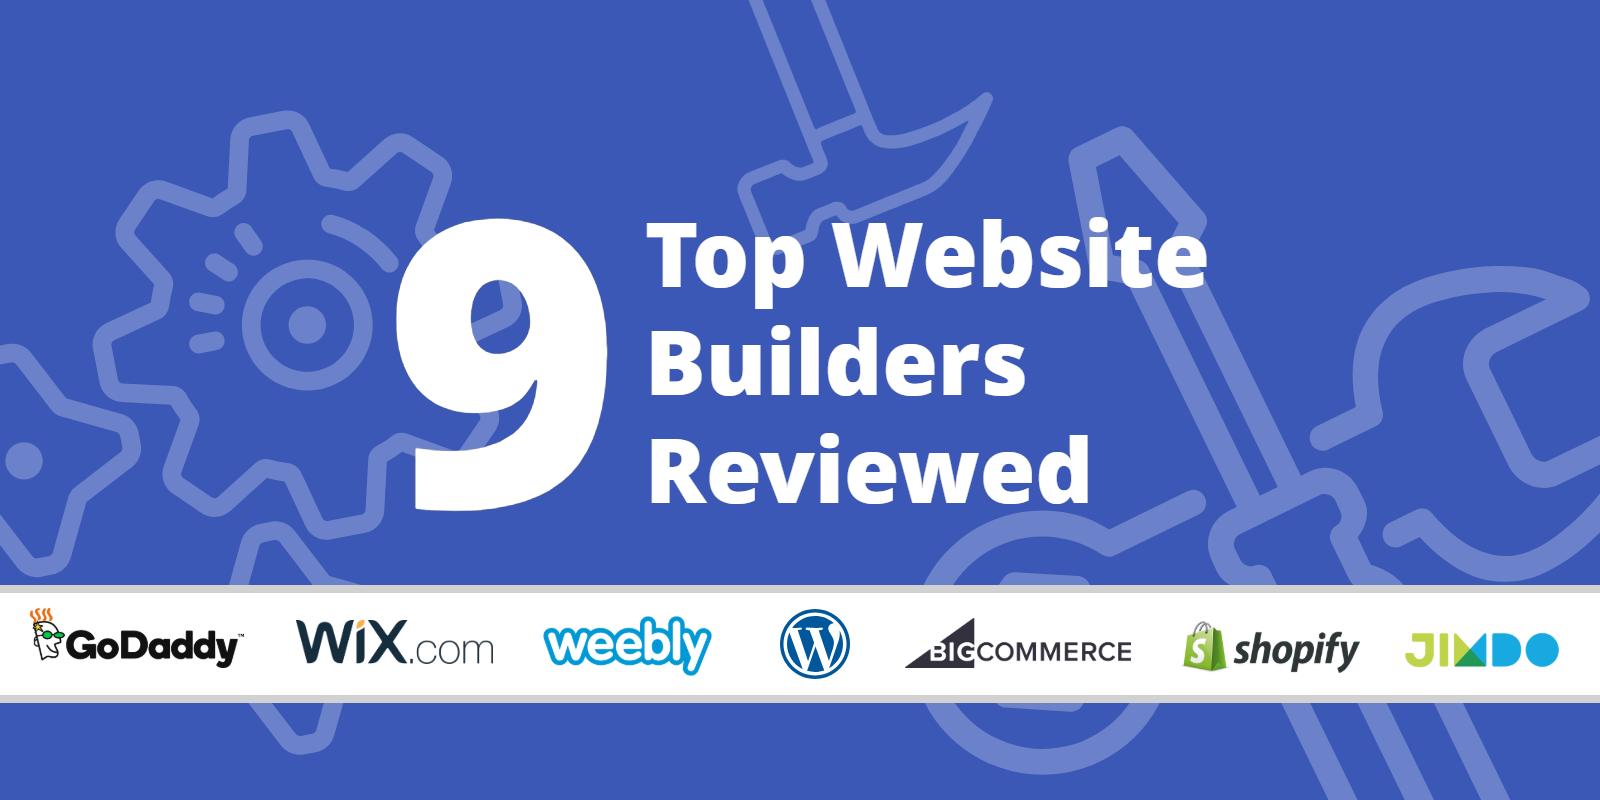 Top Website Builders >> Building Your First Website Today 9 Top Website Builders